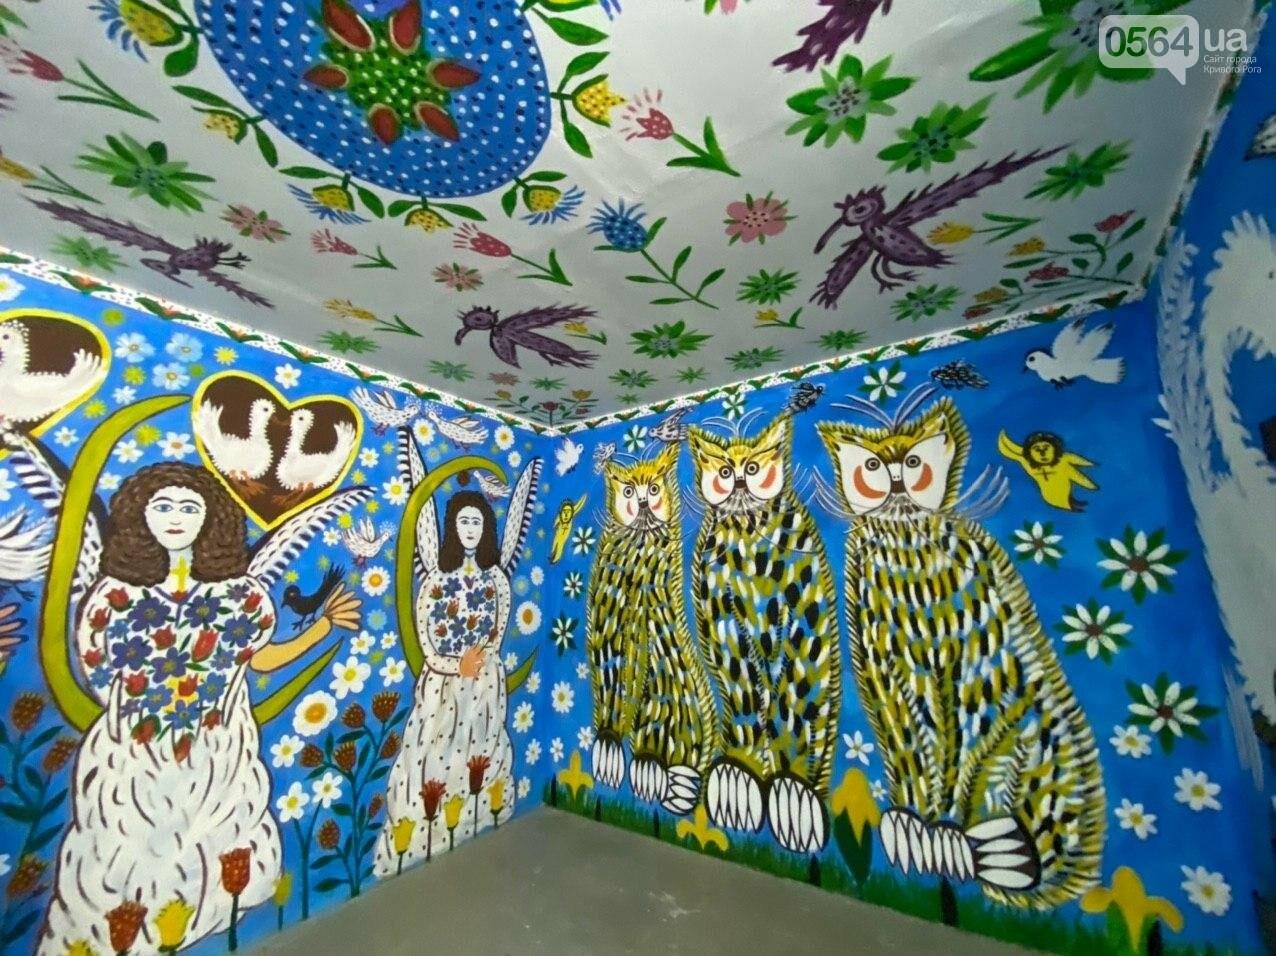 Ukraine WOW: что можно было узнать о Кривом Роге на интерактивной выставке, - ФОТО , фото-107